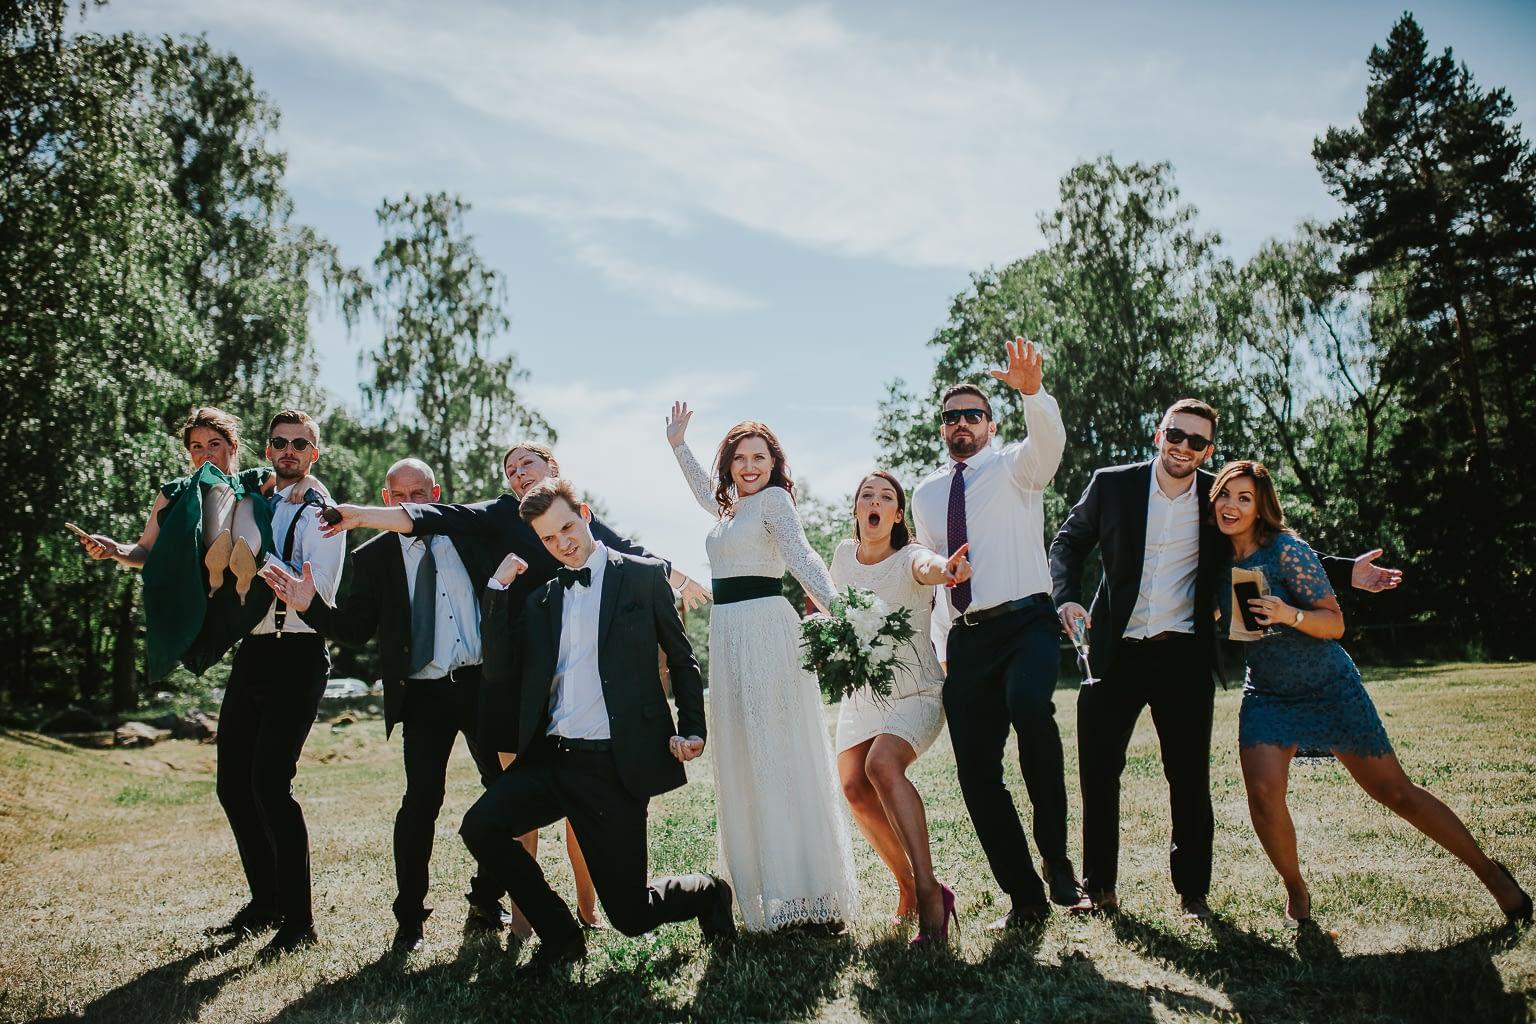 drôles de photos de mariage photographie de groupe